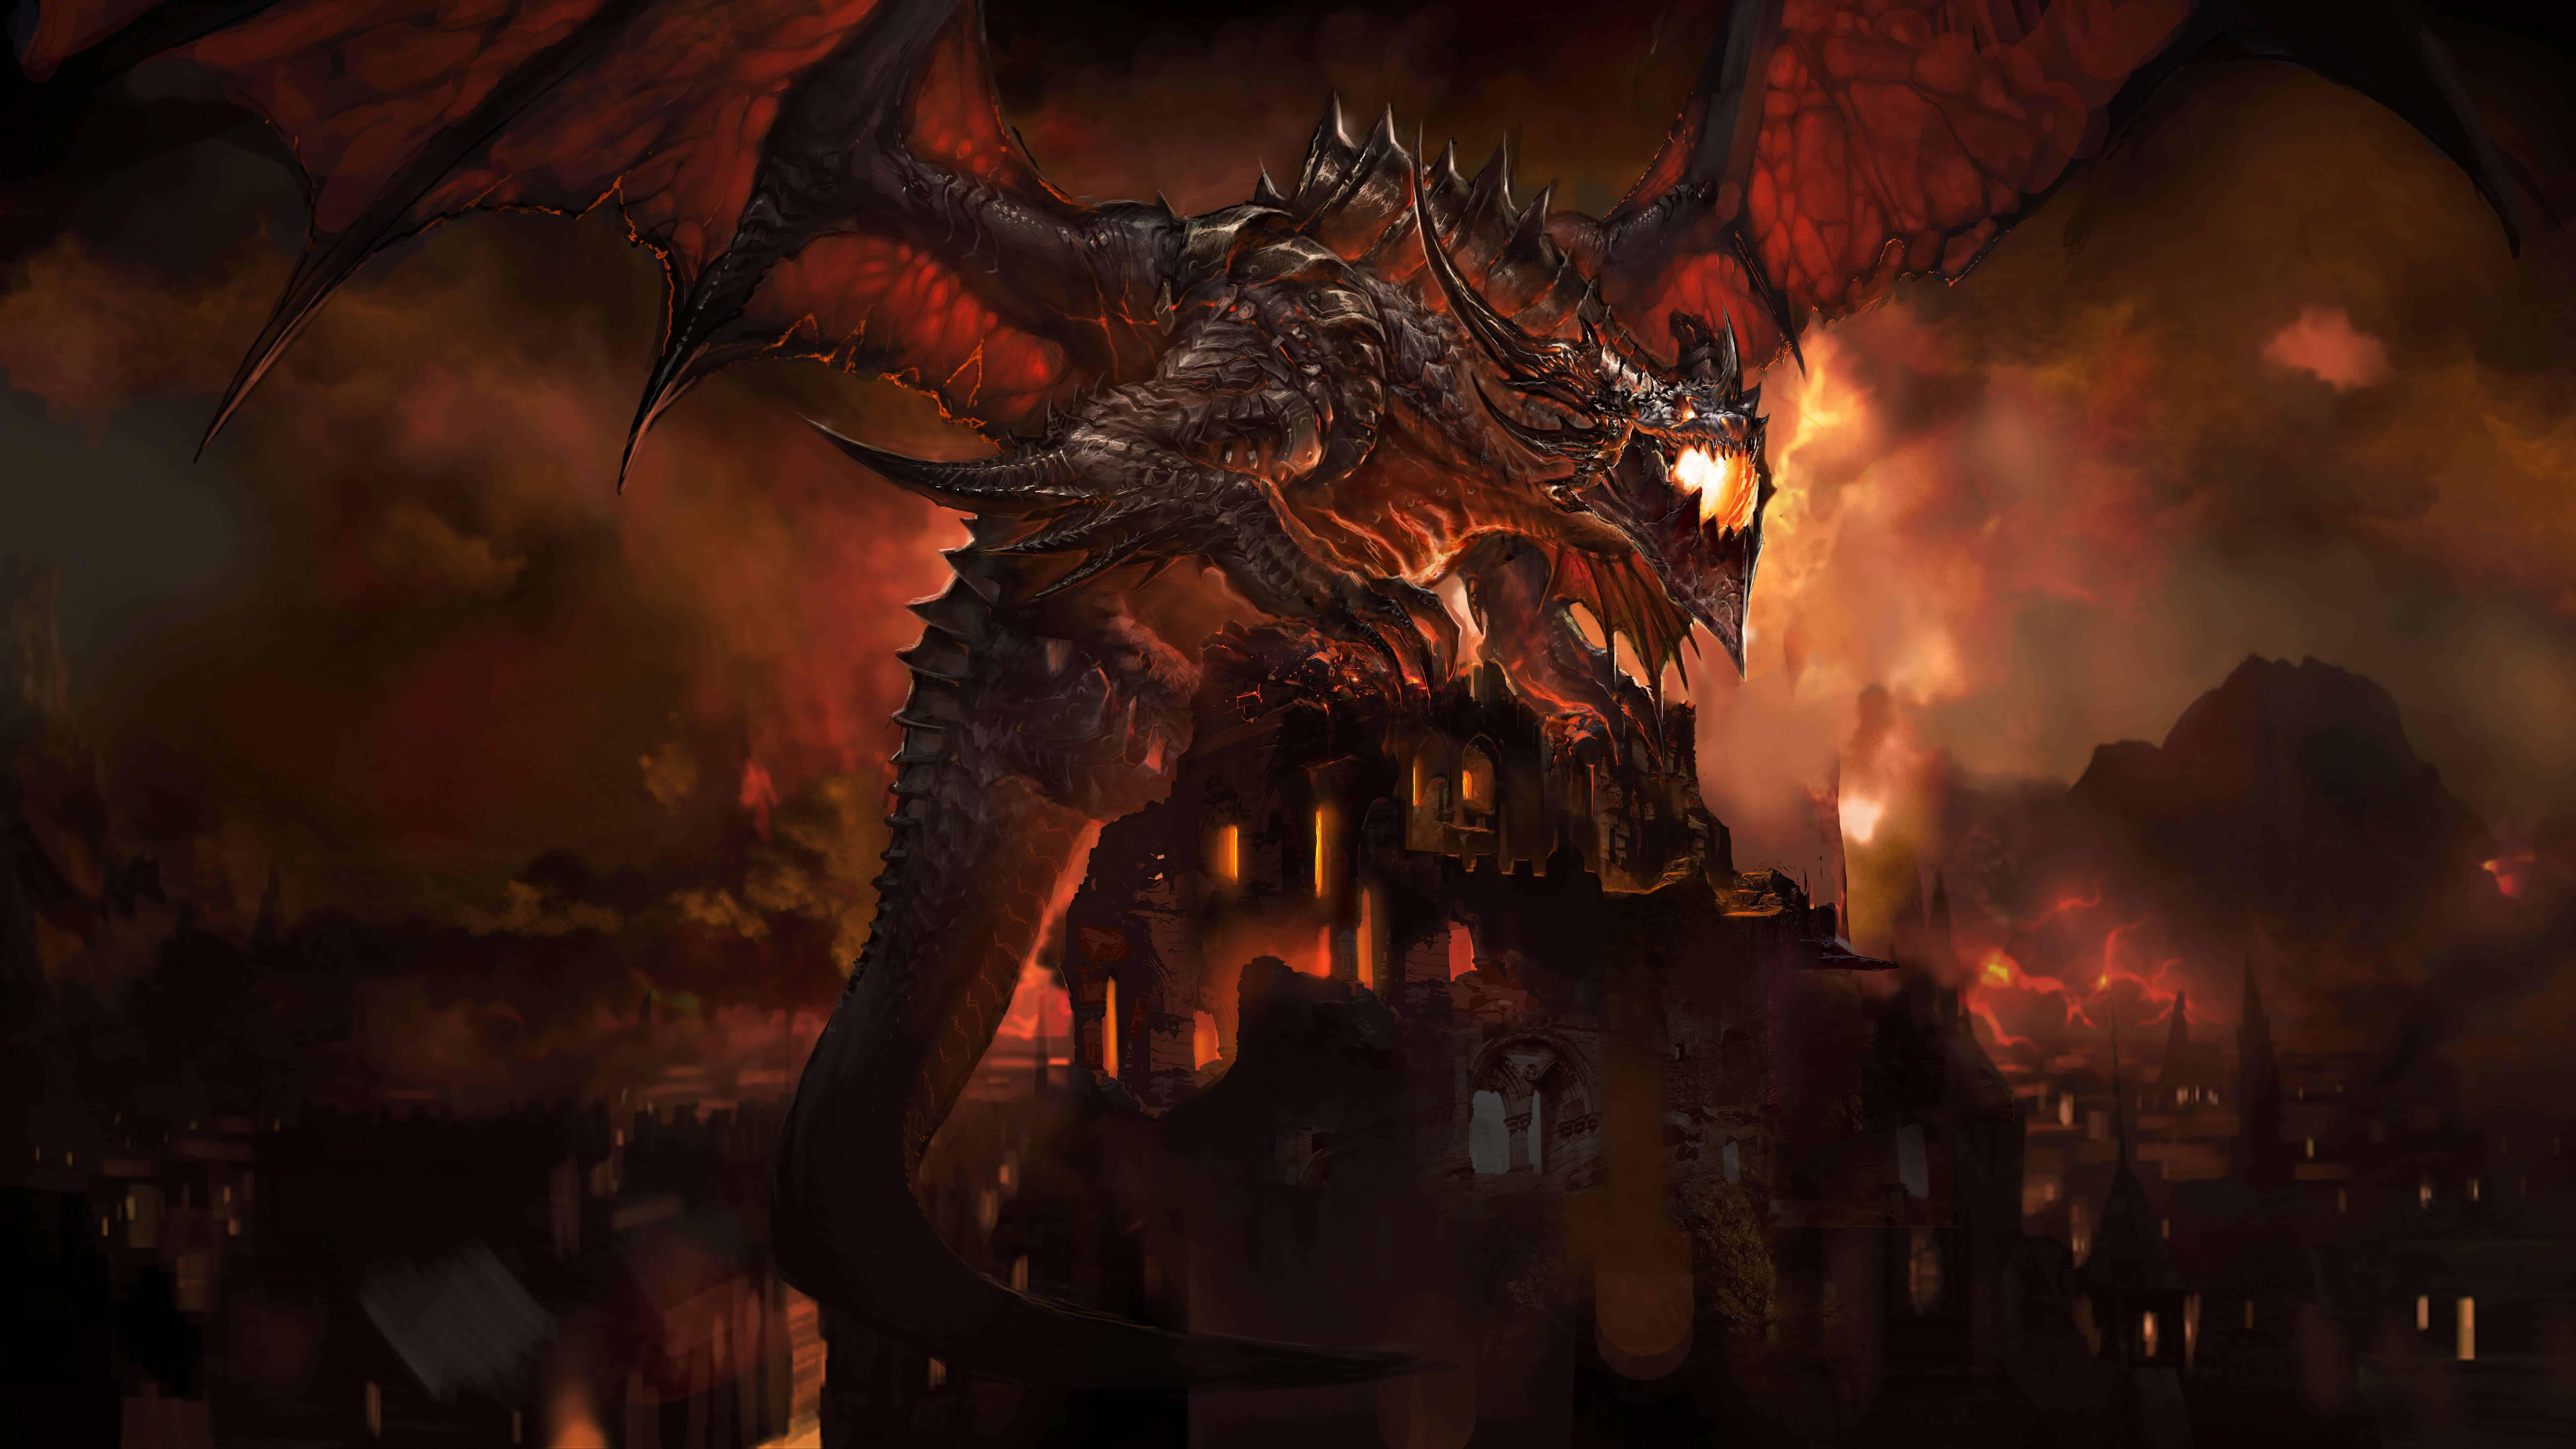 world of warcraft cataclysm uhd 8k wallpaper